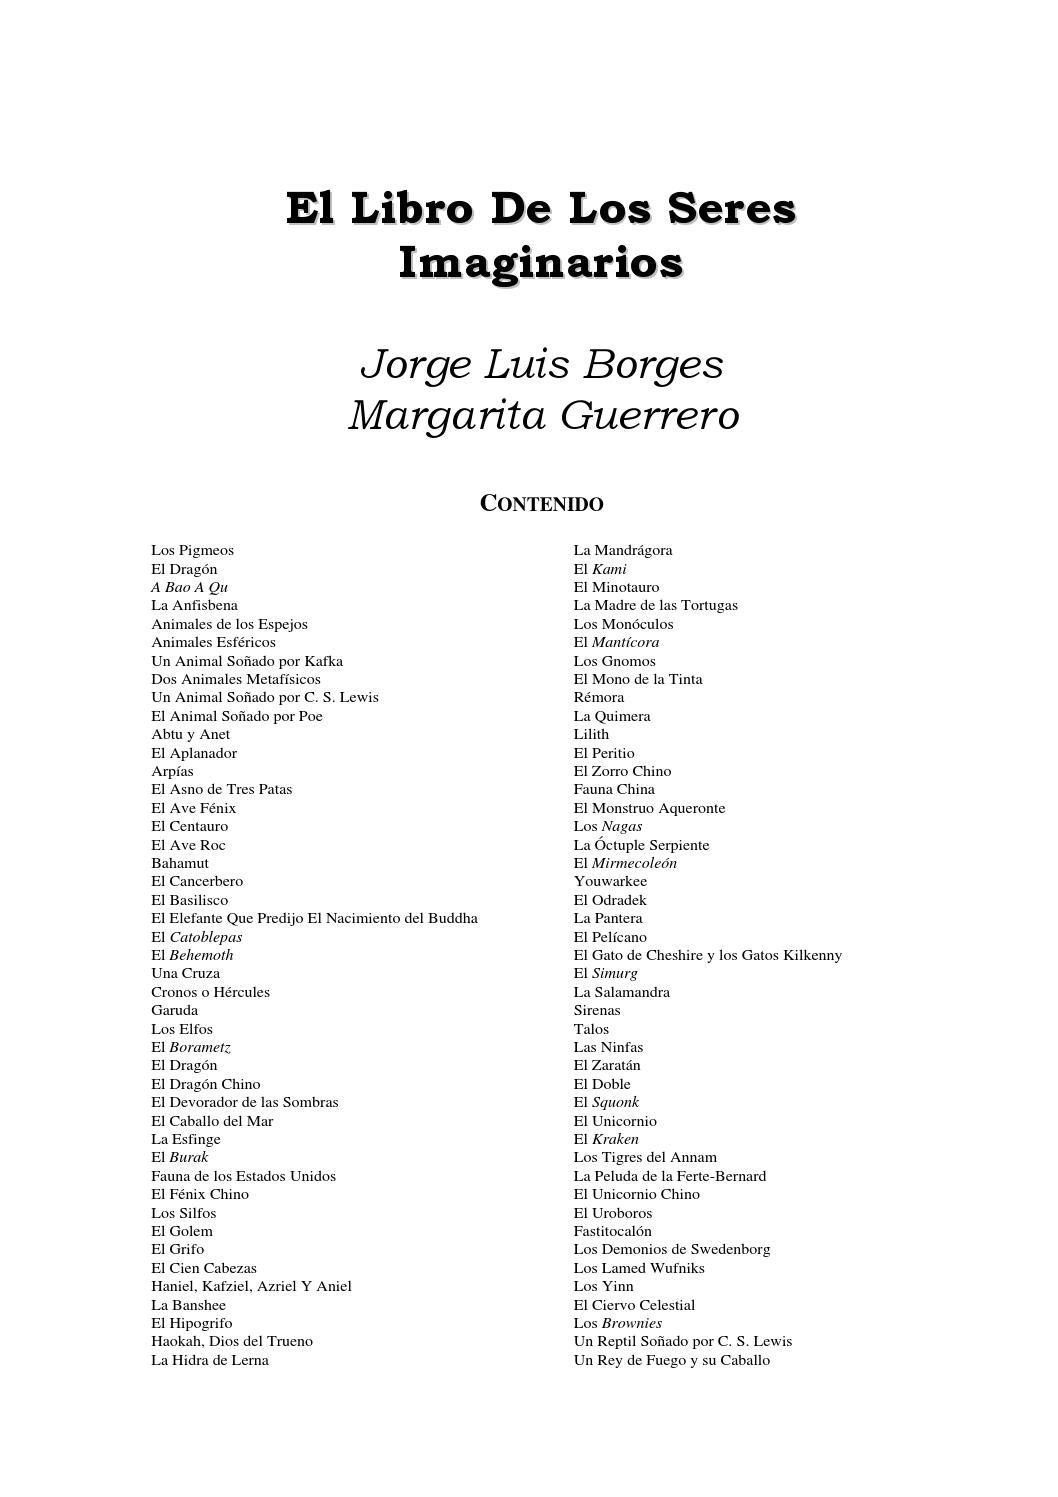 El libro de los seres imaginarios / Borges by REVISTA EL